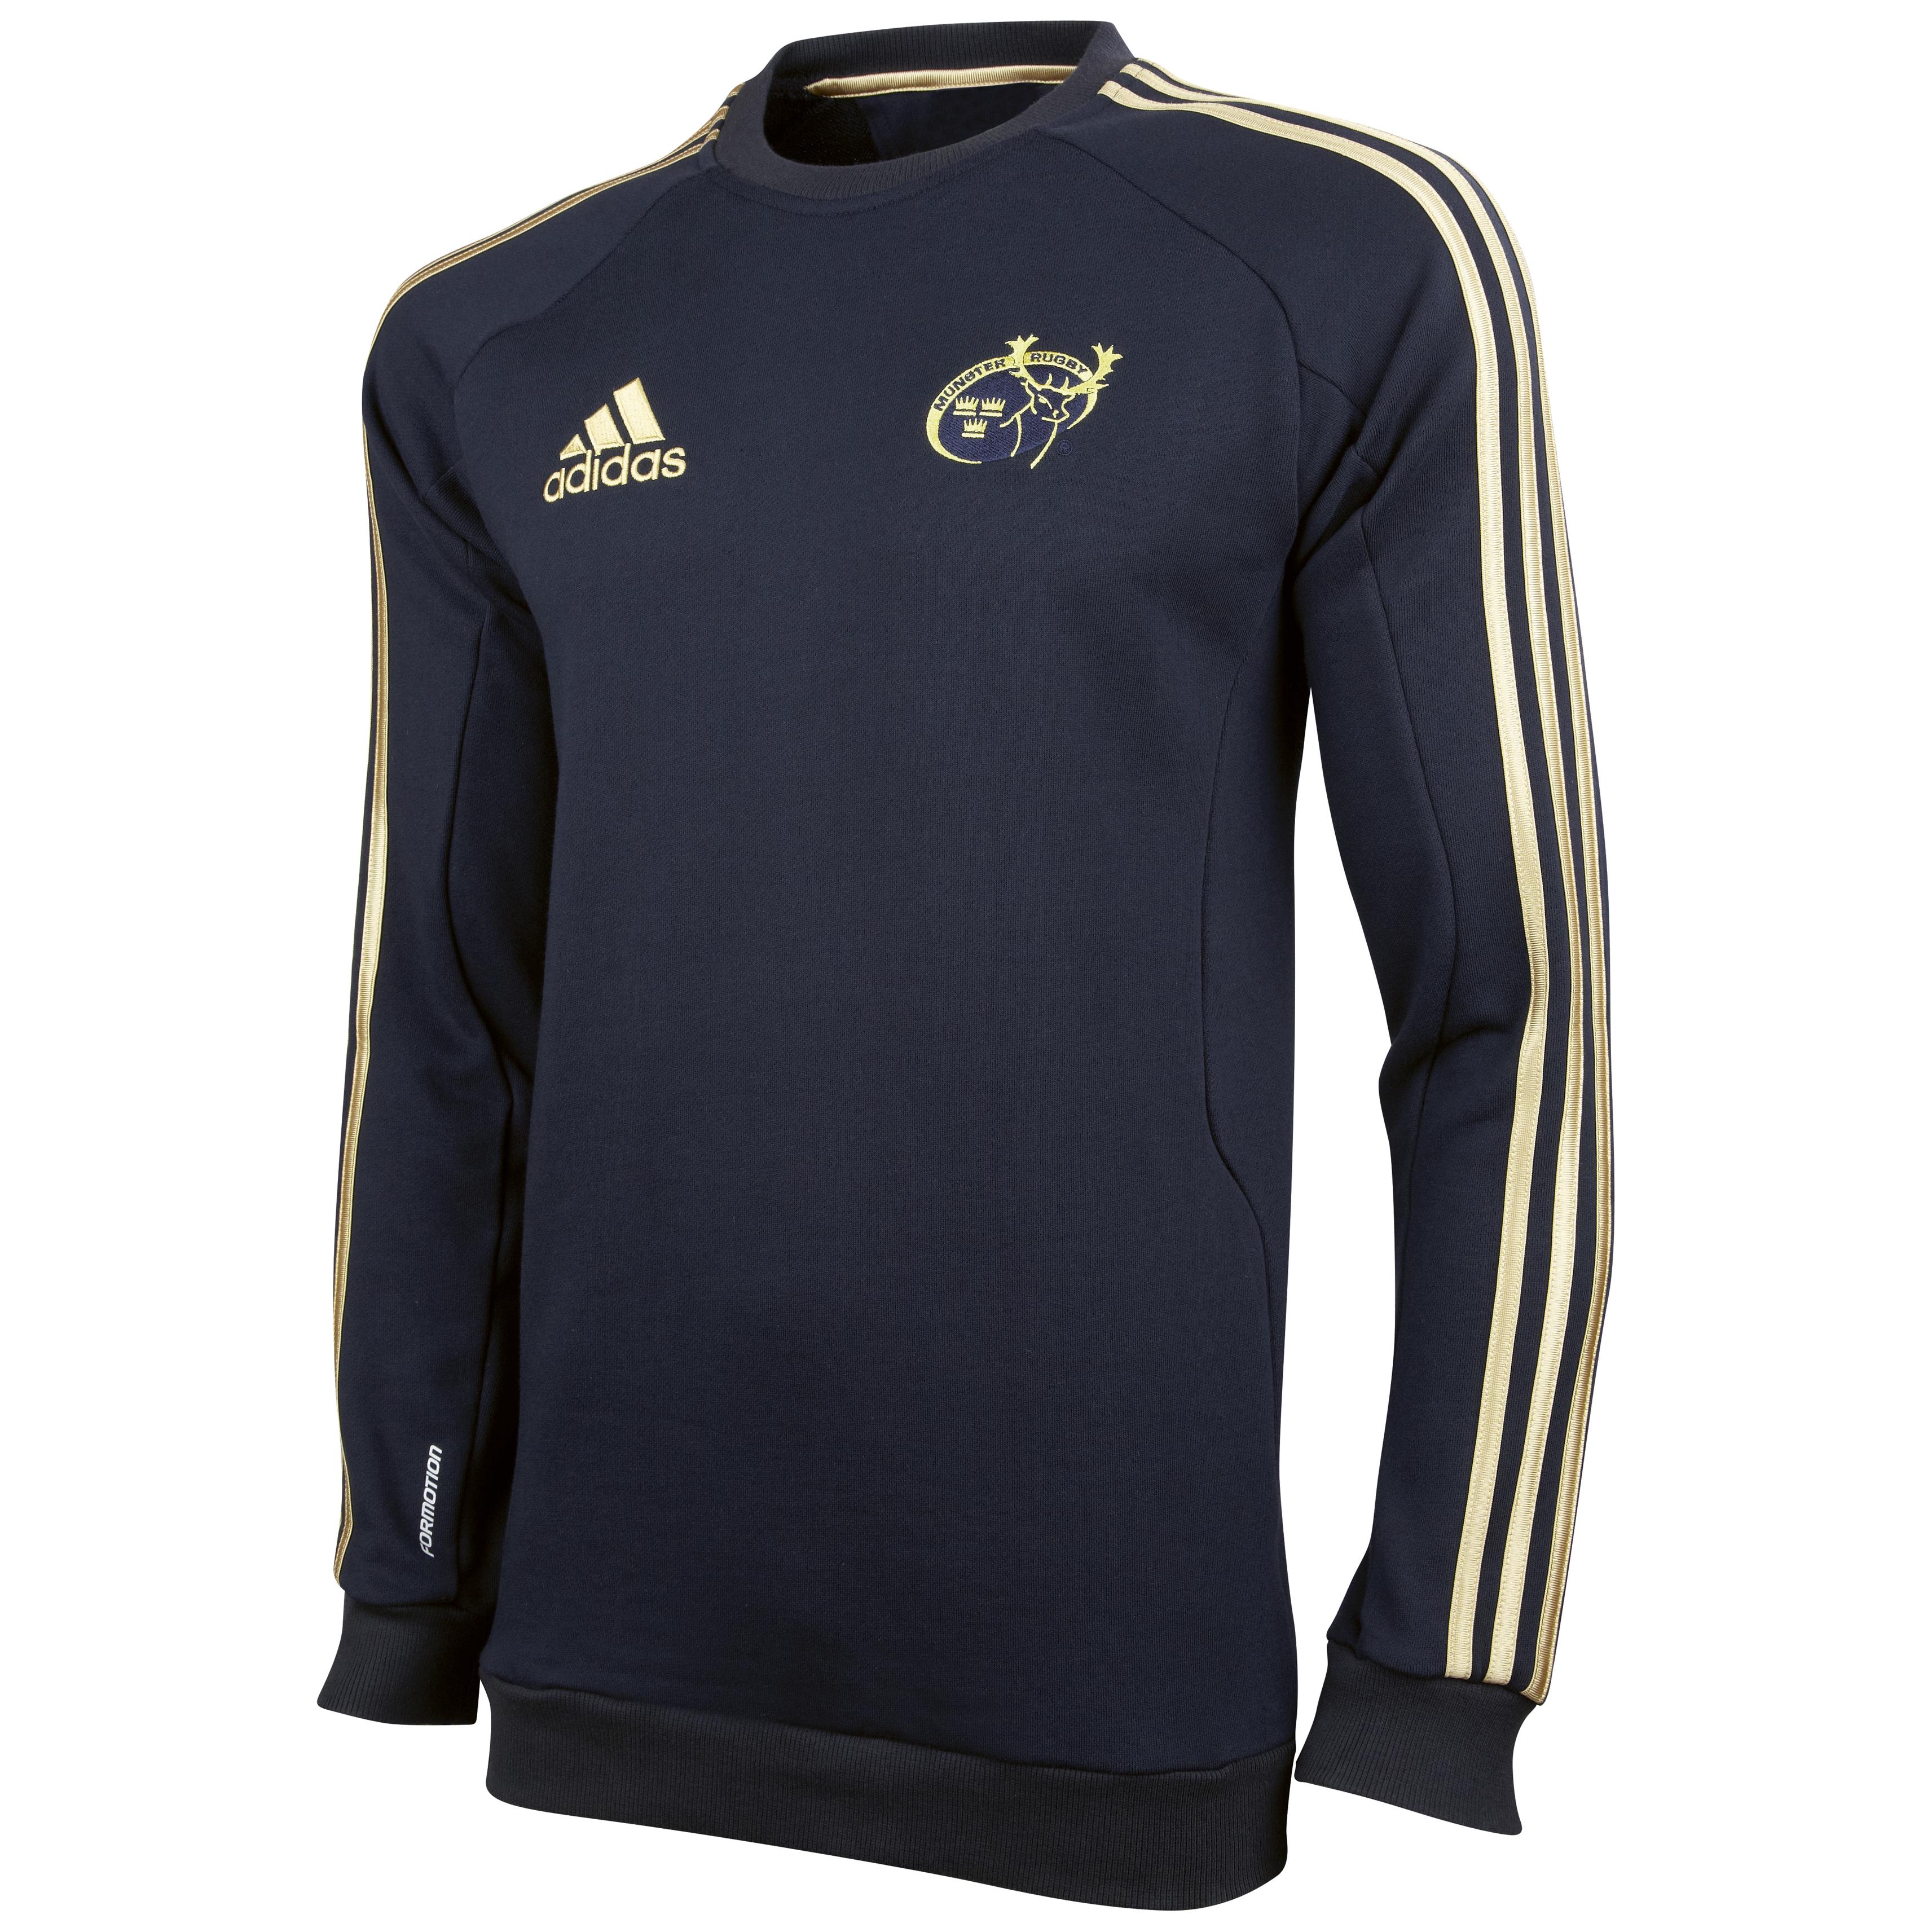 Munster Sweatshirt - Dark Navy/Light Football Gold. for 25€